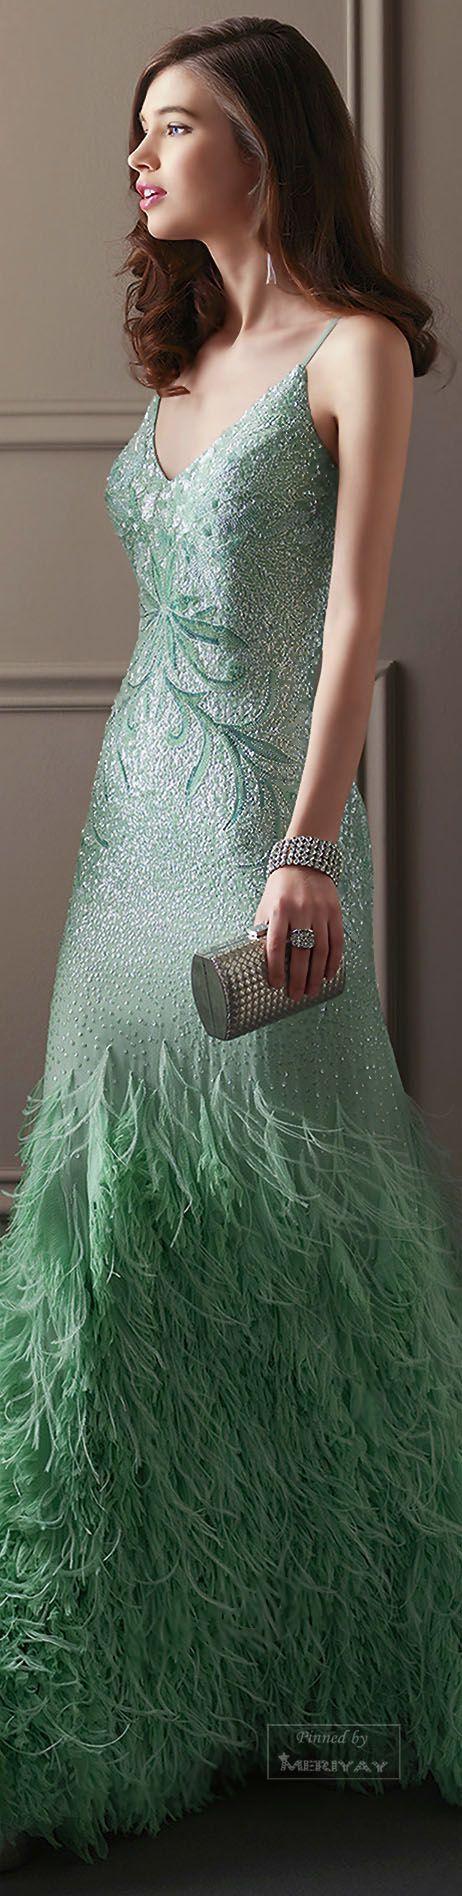 Visita nuestra pagina para ver más modelos! ❤❤❤ www.modainnovadora.com ❤❤❤…